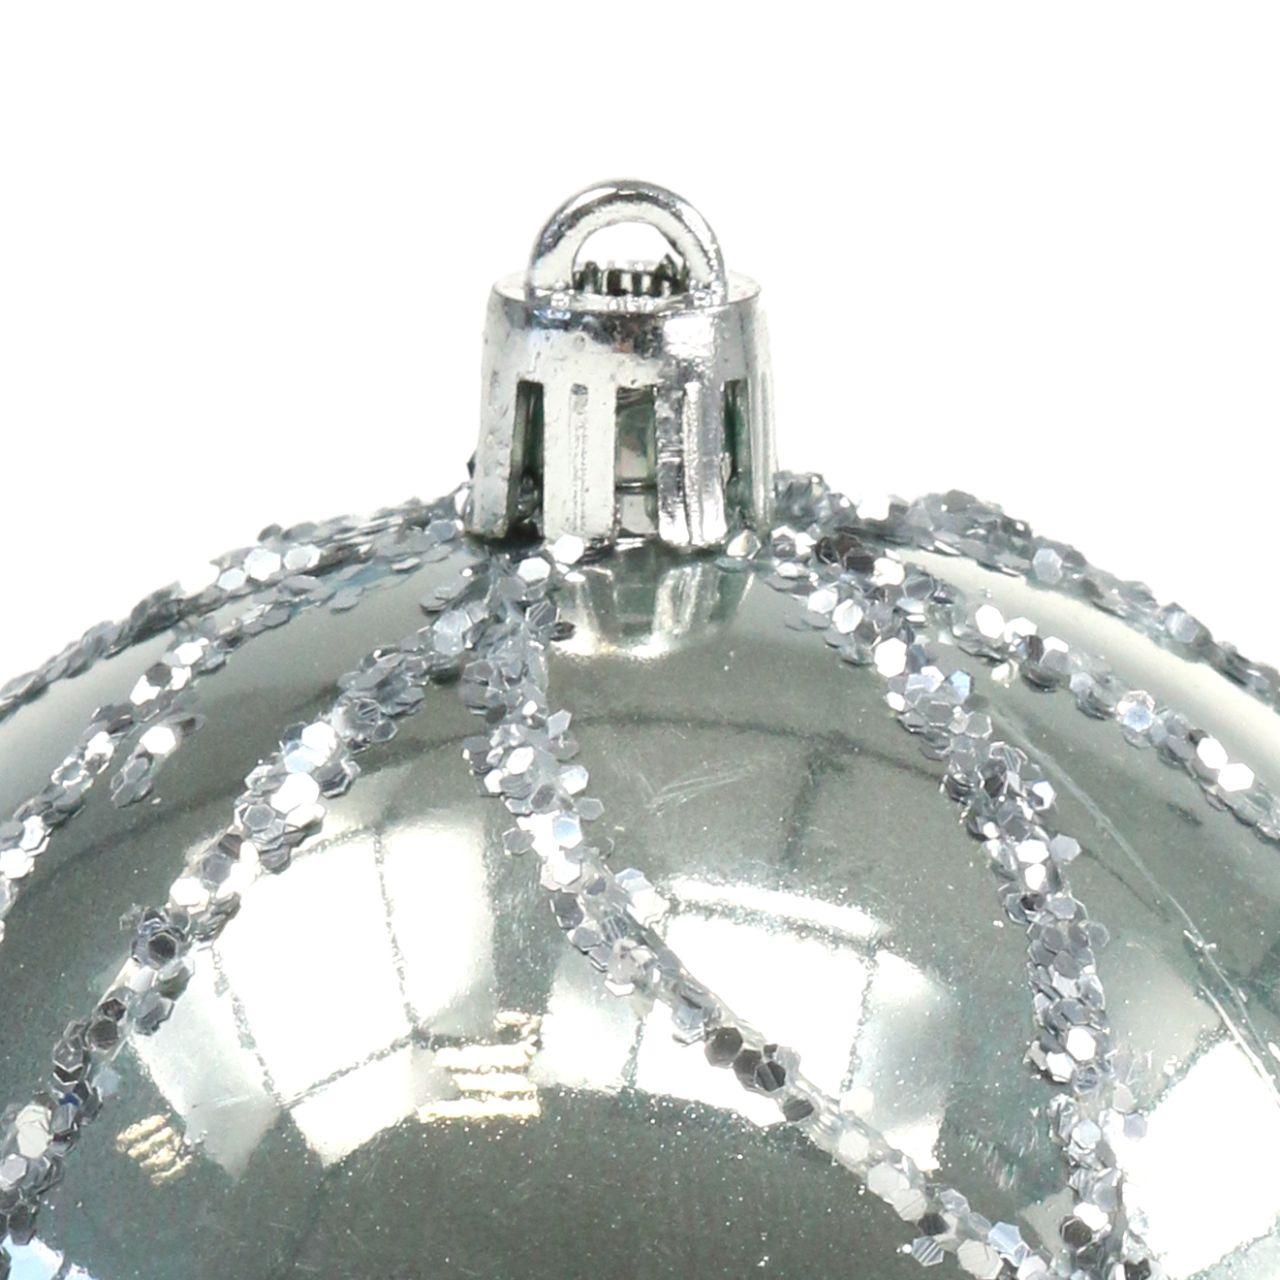 Kula świąteczna plastikowa srebrna Ø8cm 2szt.